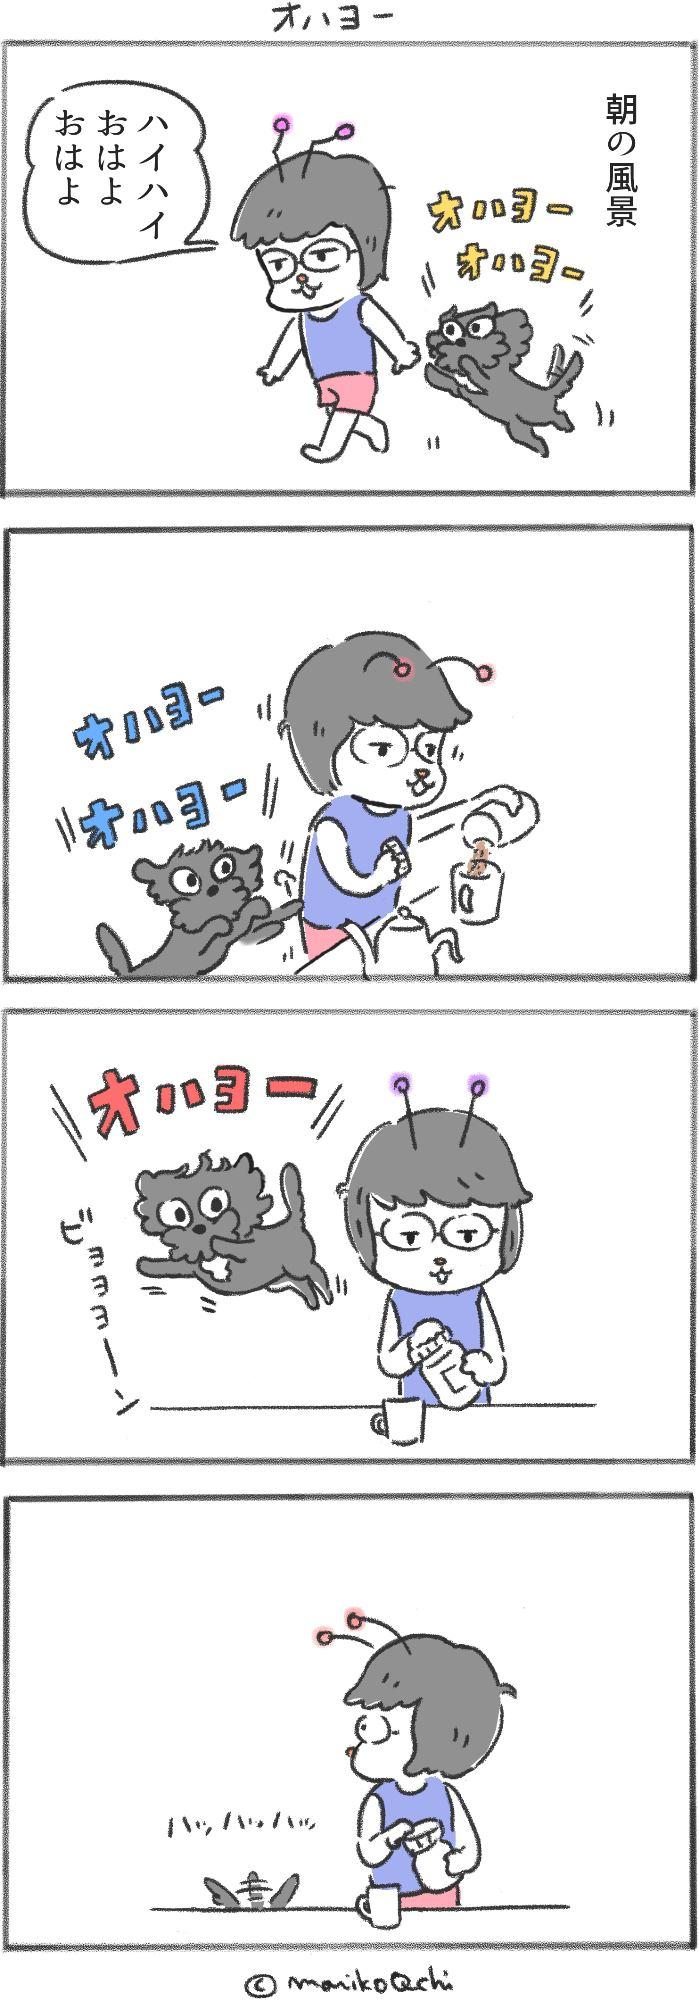 犬と暮らせば第11話